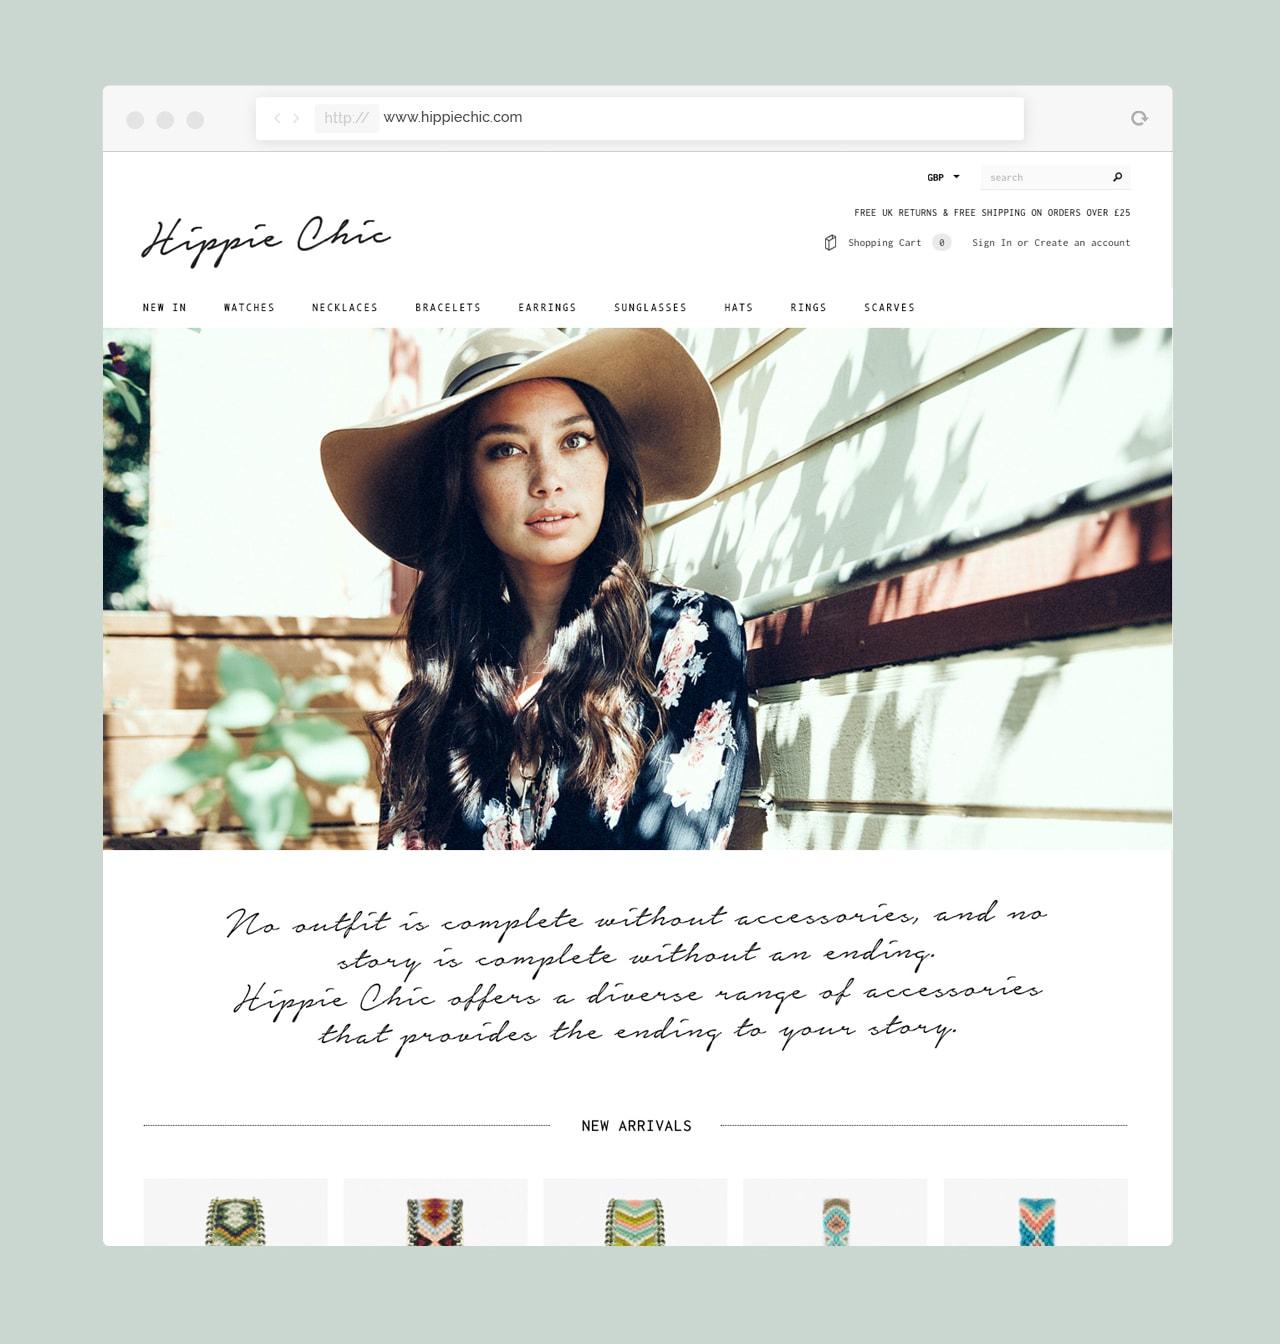 Hippie Chic Website Design